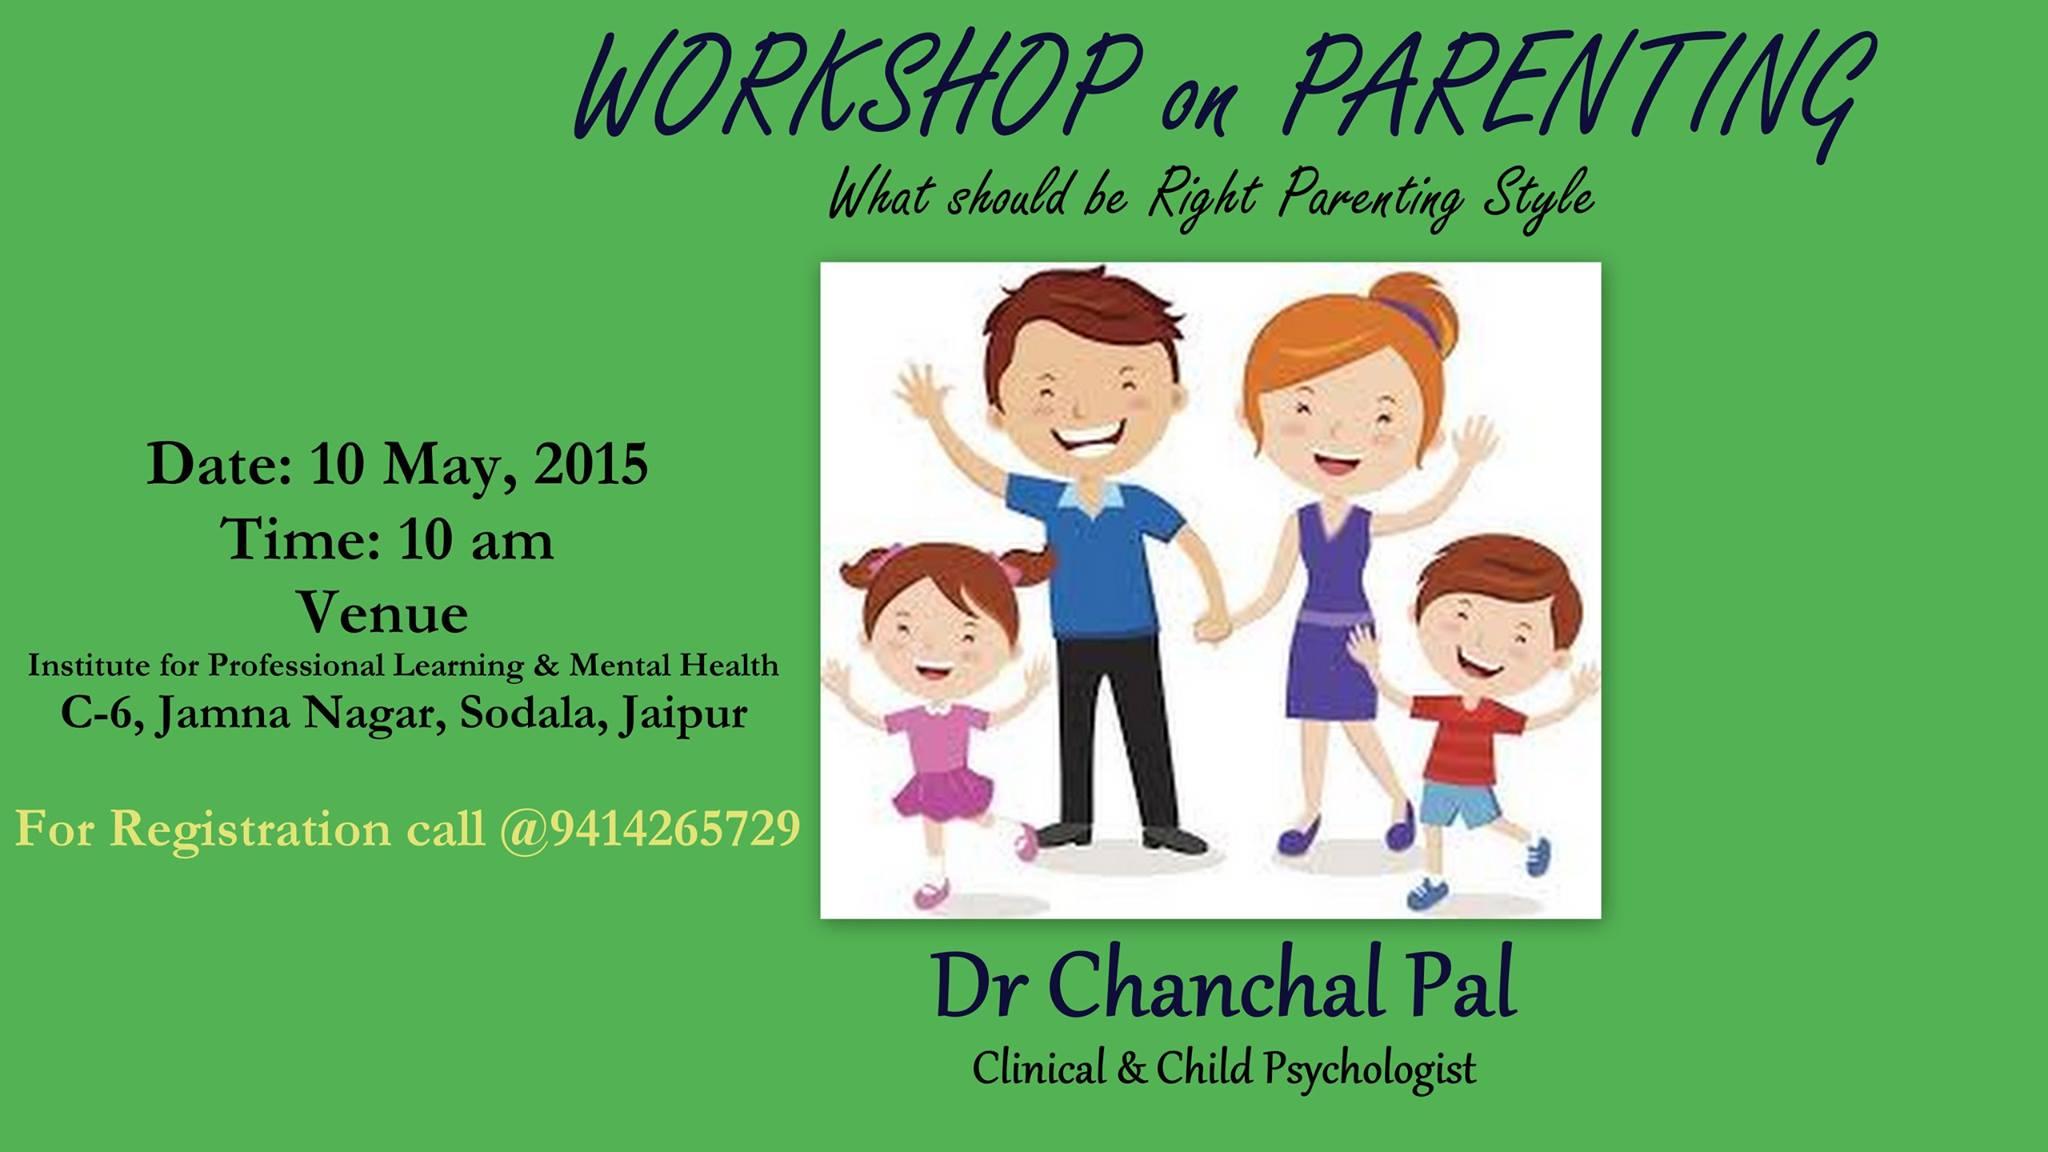 Workshop on Parenting